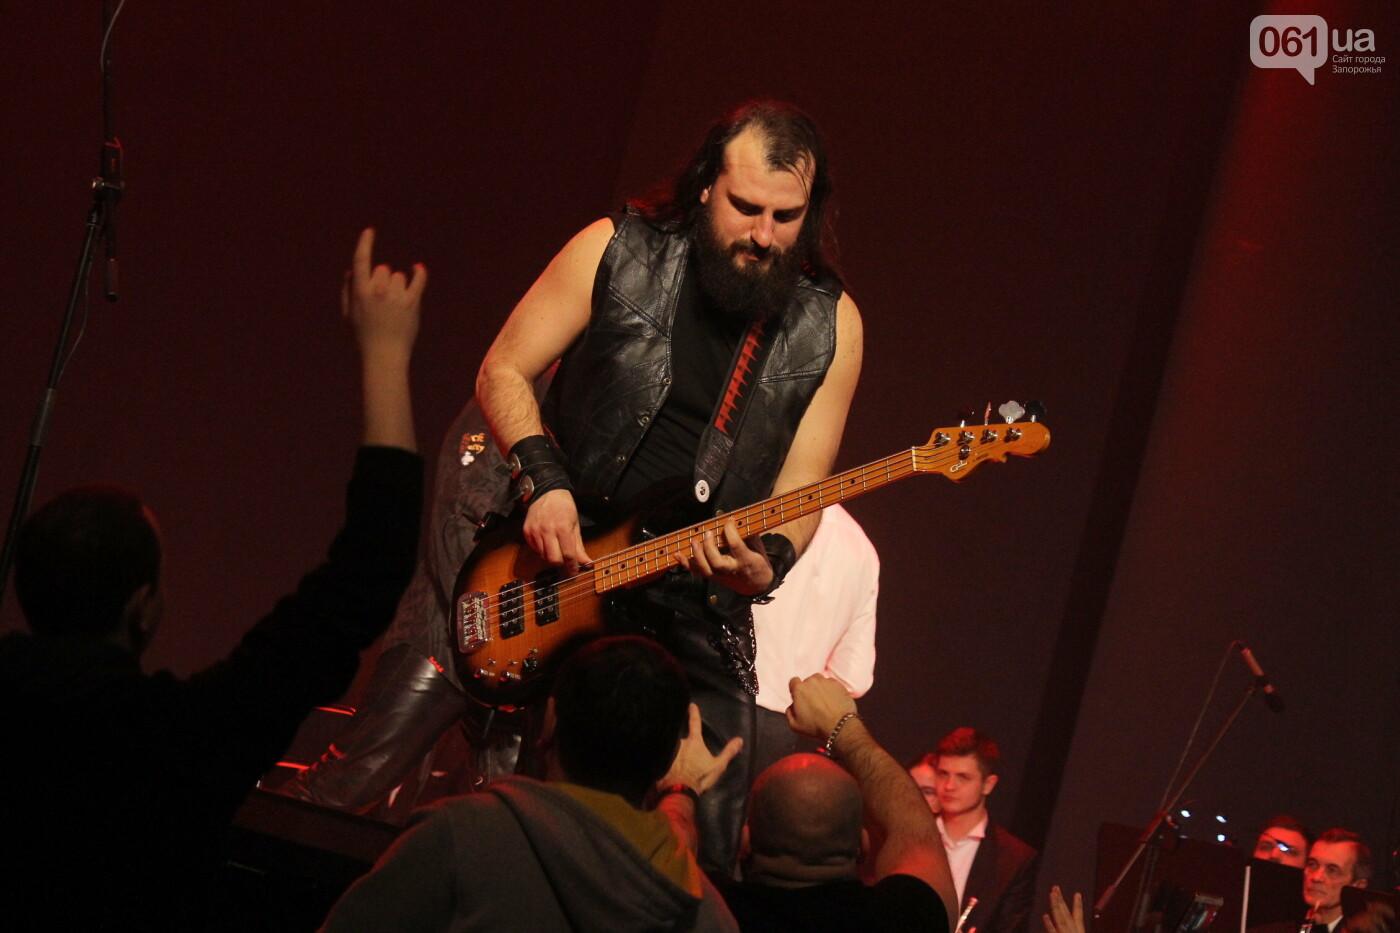 Тяжелый рок в симфоническом звучании: каким было Hard Rock Show в Запорожье, – ФОТОРЕПОРТАЖ, фото-9